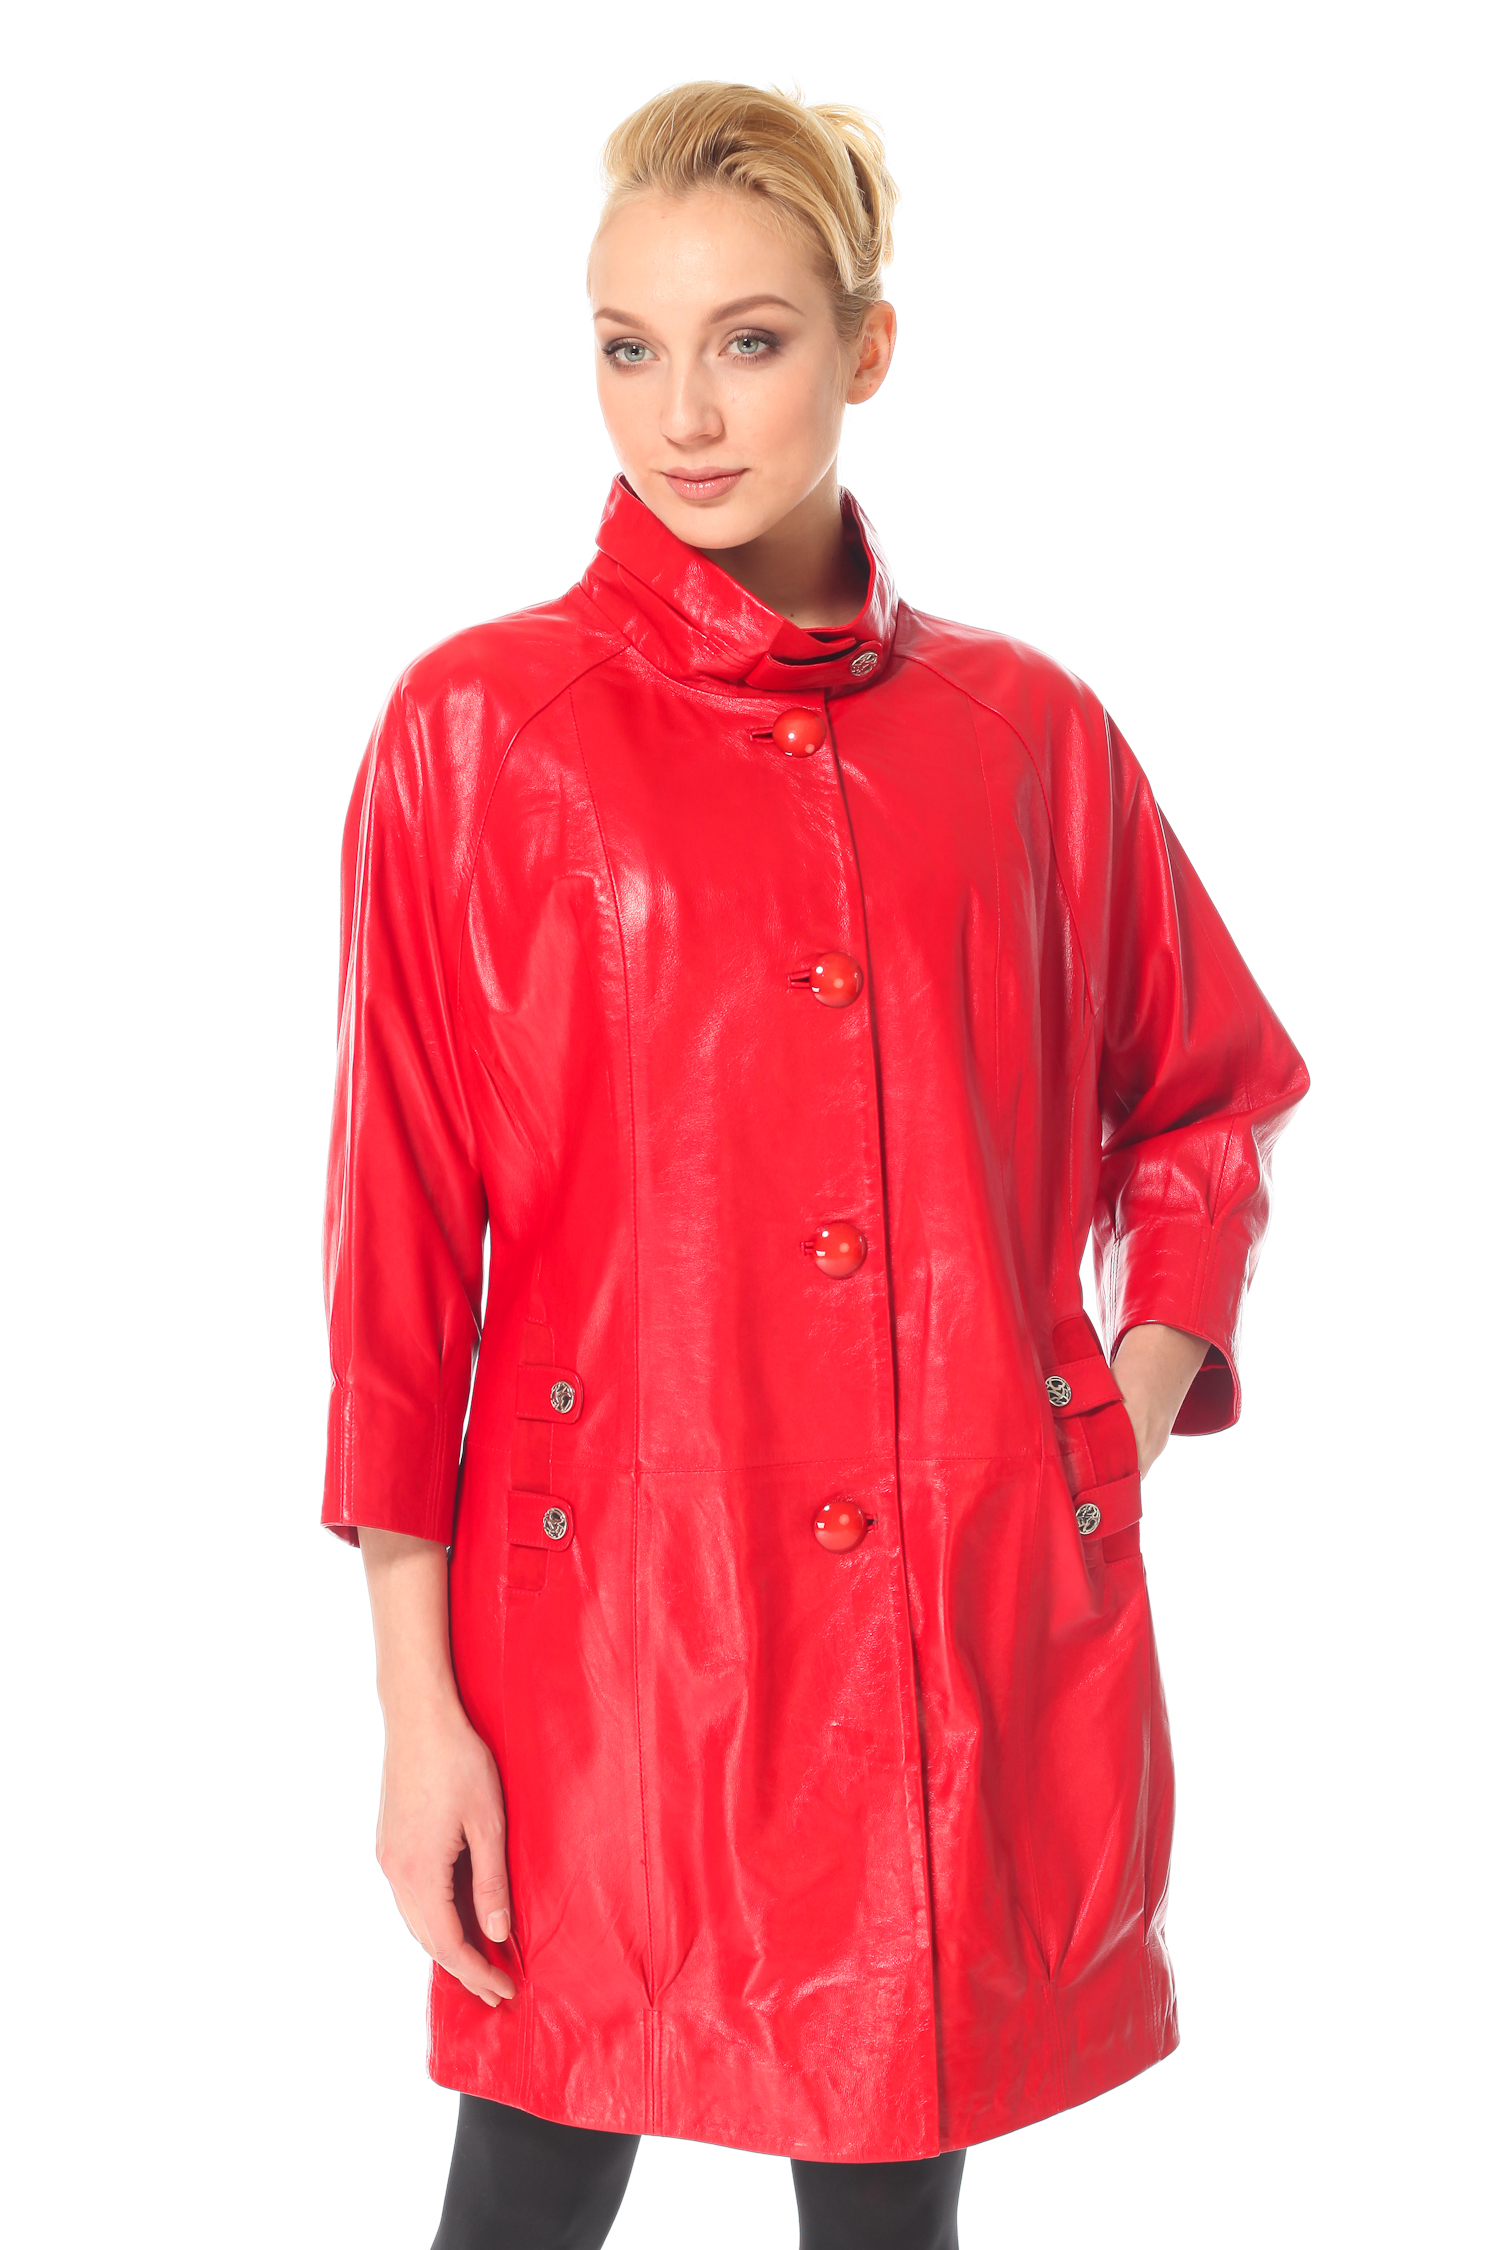 Женское кожаное пальто из натуральной кожи с воротником, без отделки<br><br>Воротник: Стойка<br>Длина см: 90<br>Материал: Натуральная кожа<br>Цвет: Красный<br>Пол: Женский